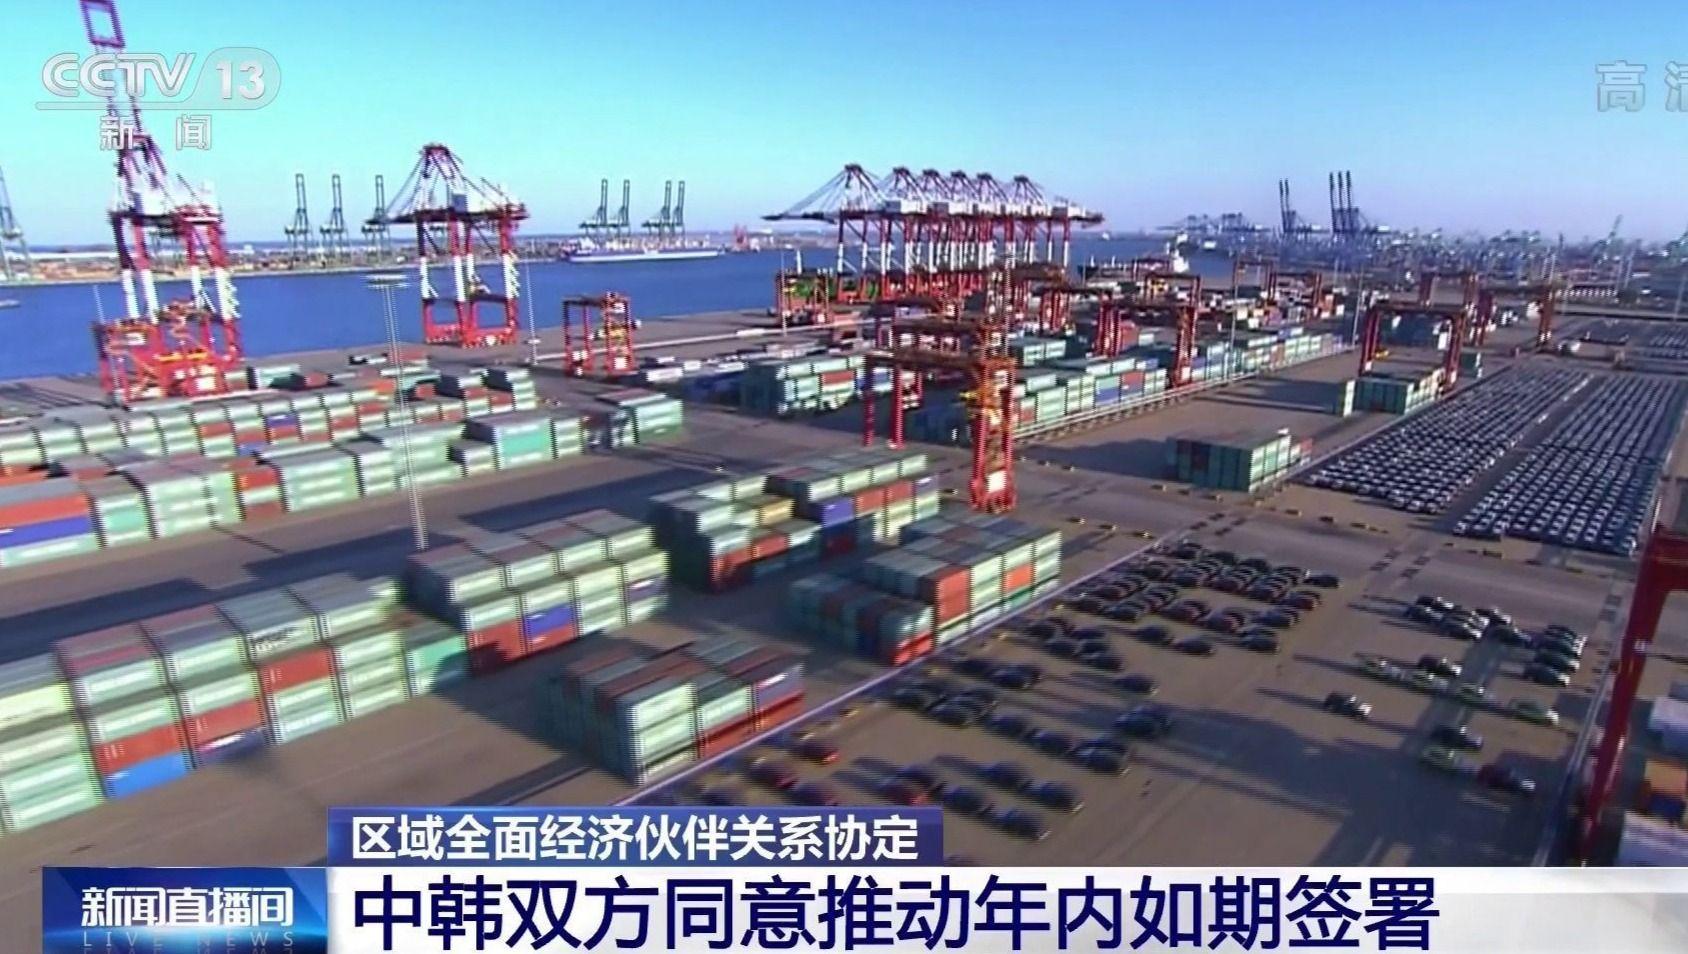 中韩双方同意推动年内如期签署区域全面经济伙伴关系协定